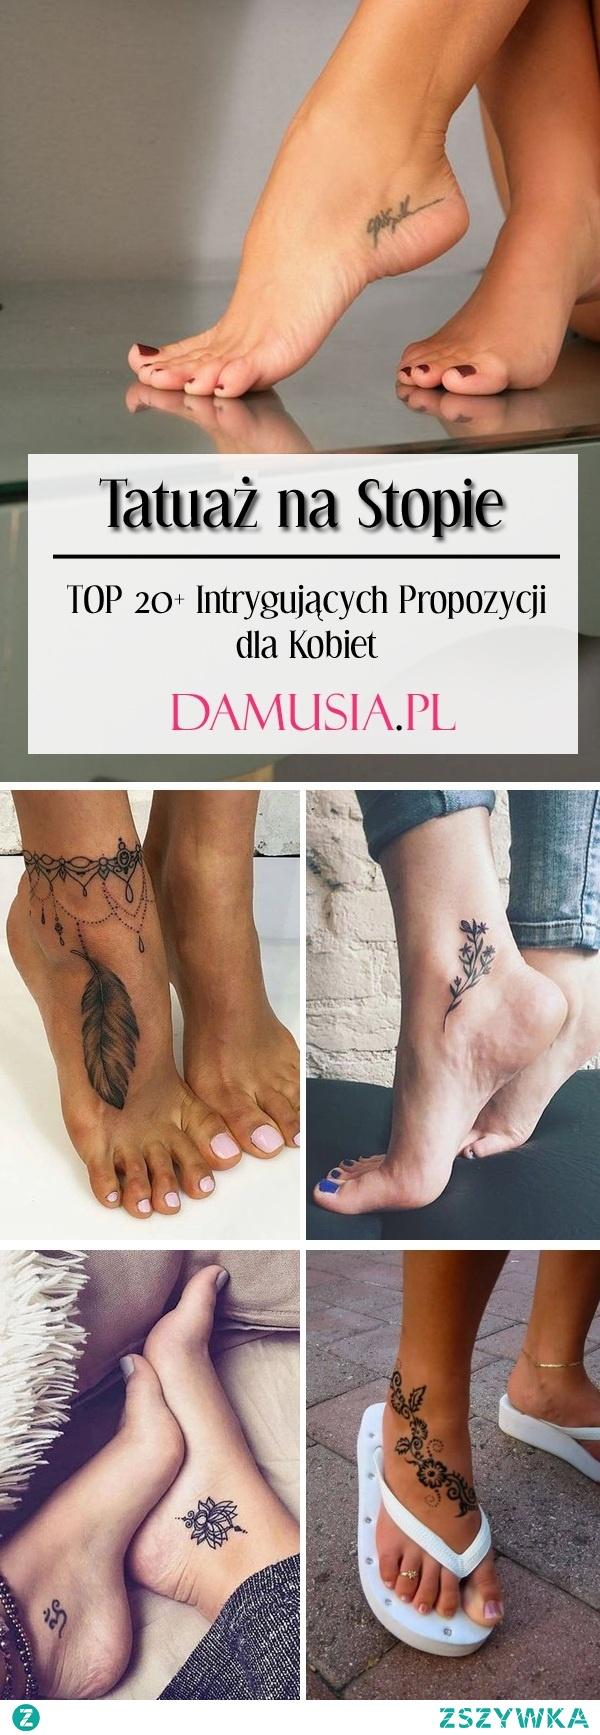 Tatuaż na Stopie: TOP 20+ Intrygujących Propozycji dla Kobiet